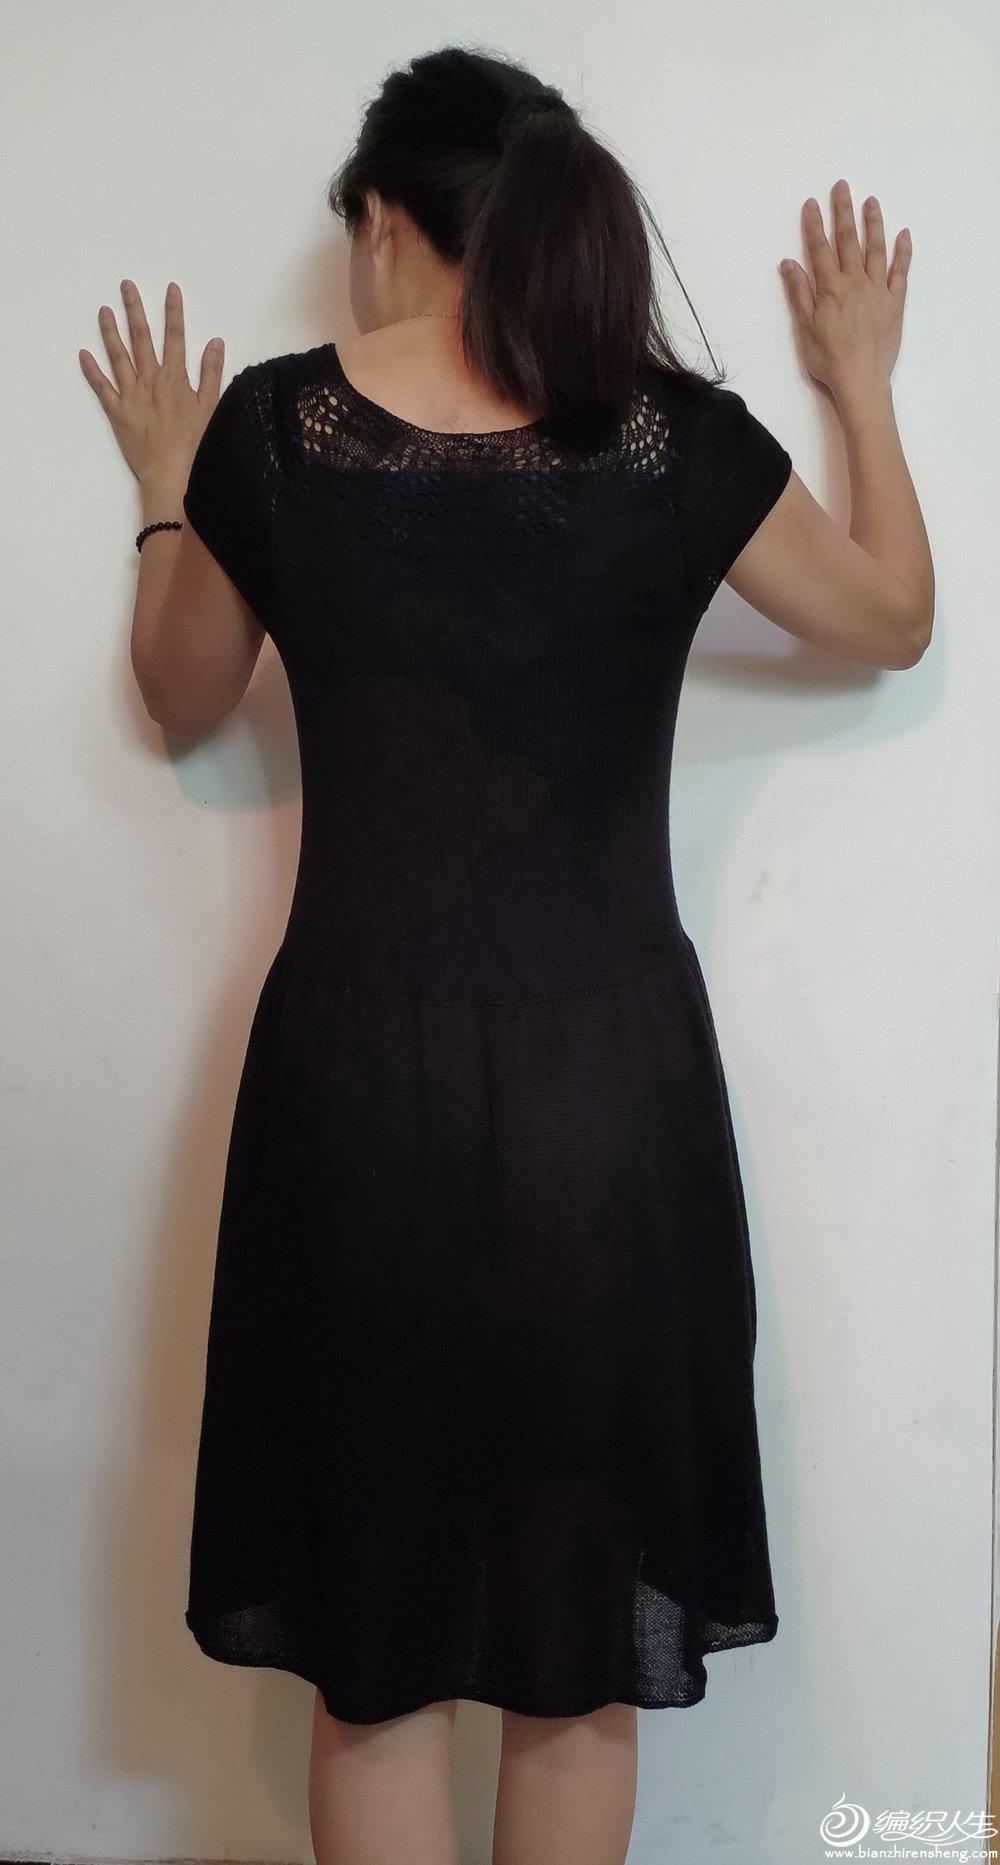 小黑裙02.jpg